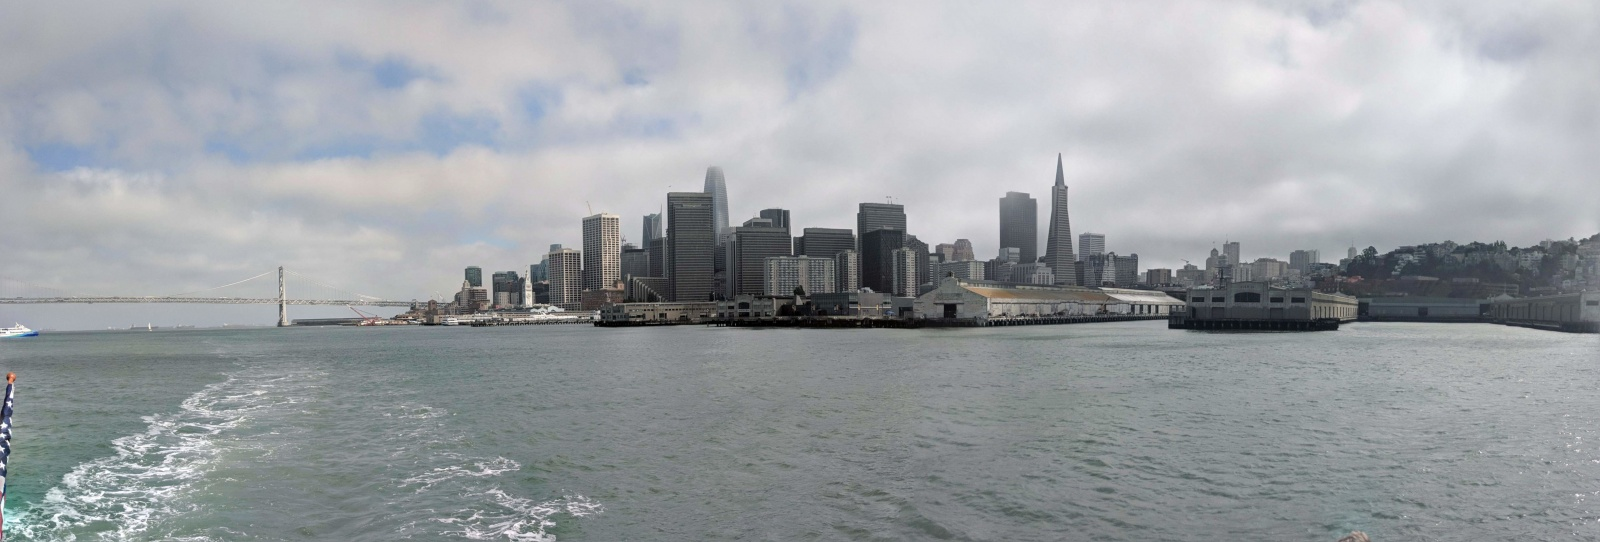 Залив Сан-Франциско